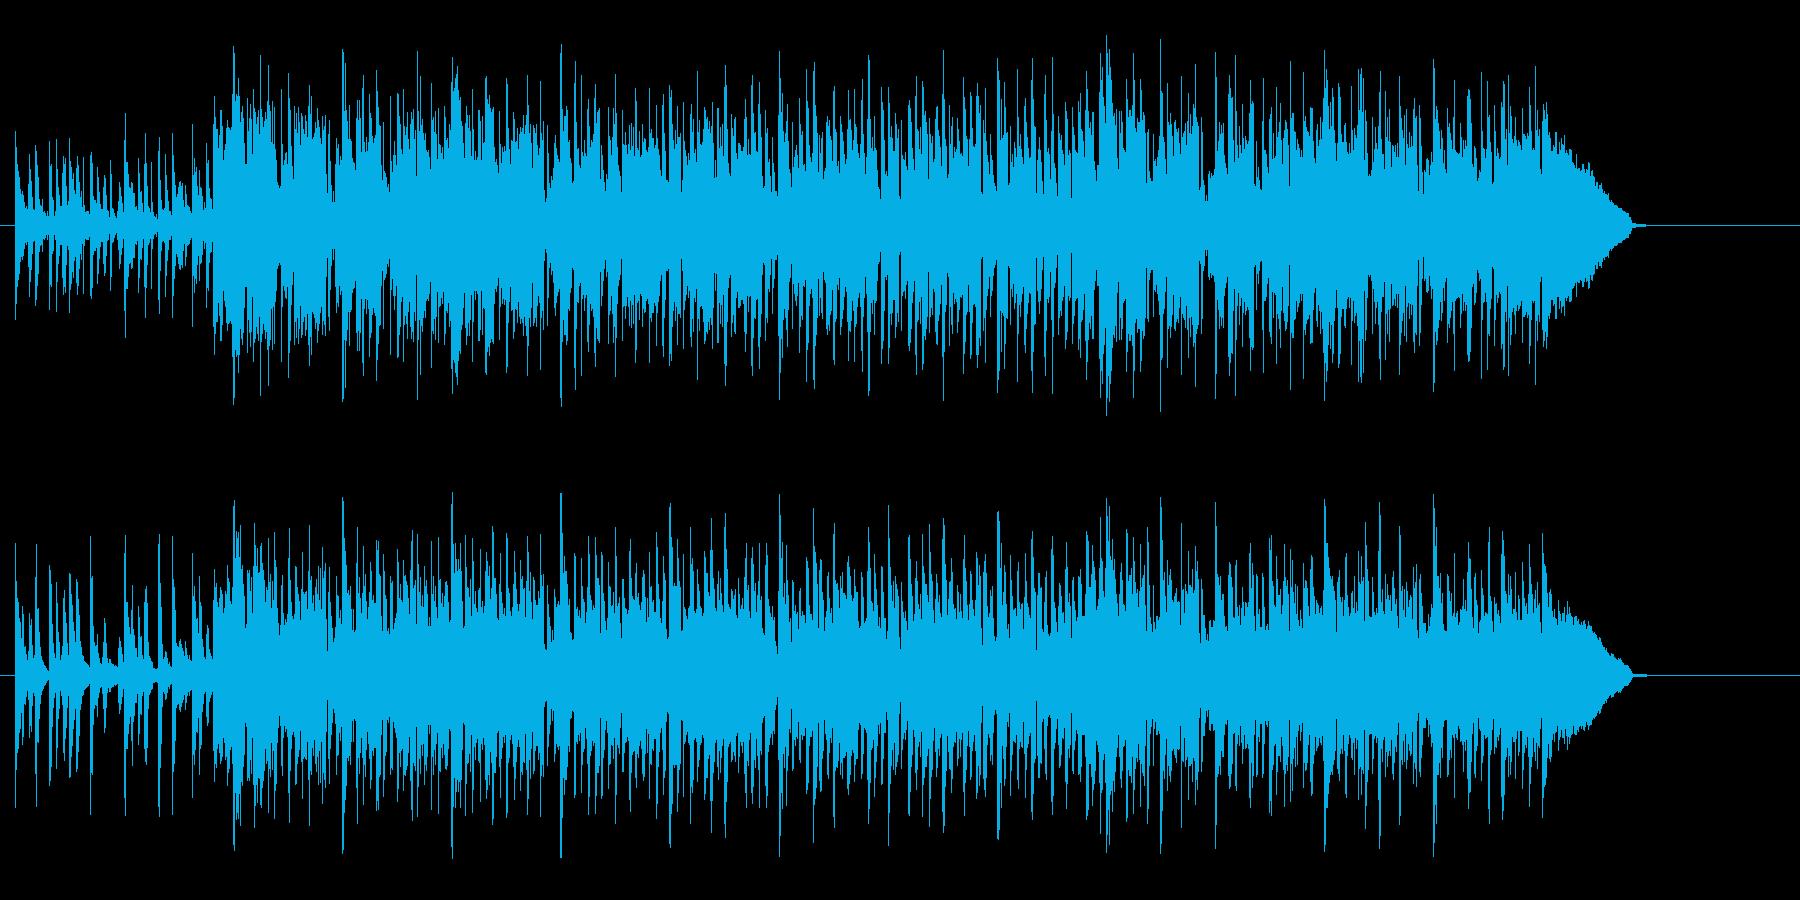 安らぎと緊張感が融合した神秘的ポップの再生済みの波形